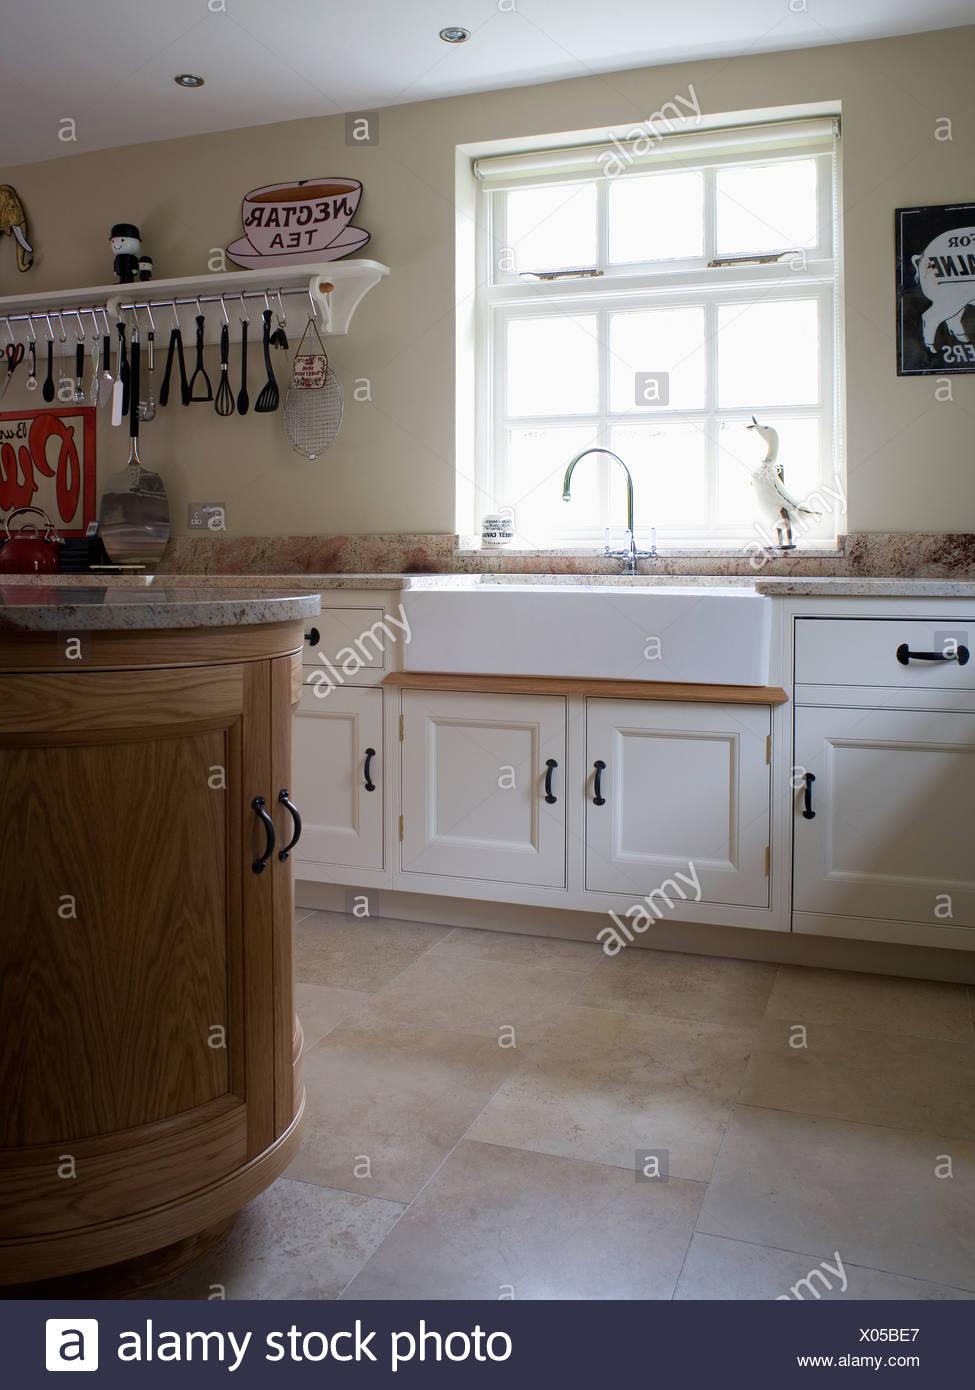 Grosses Spulbecken Der Belfast Unter Fenster In Cremefarbenen Landhauskuche Mit Kalkstein Bodenbelag Stockfotografie Alamy